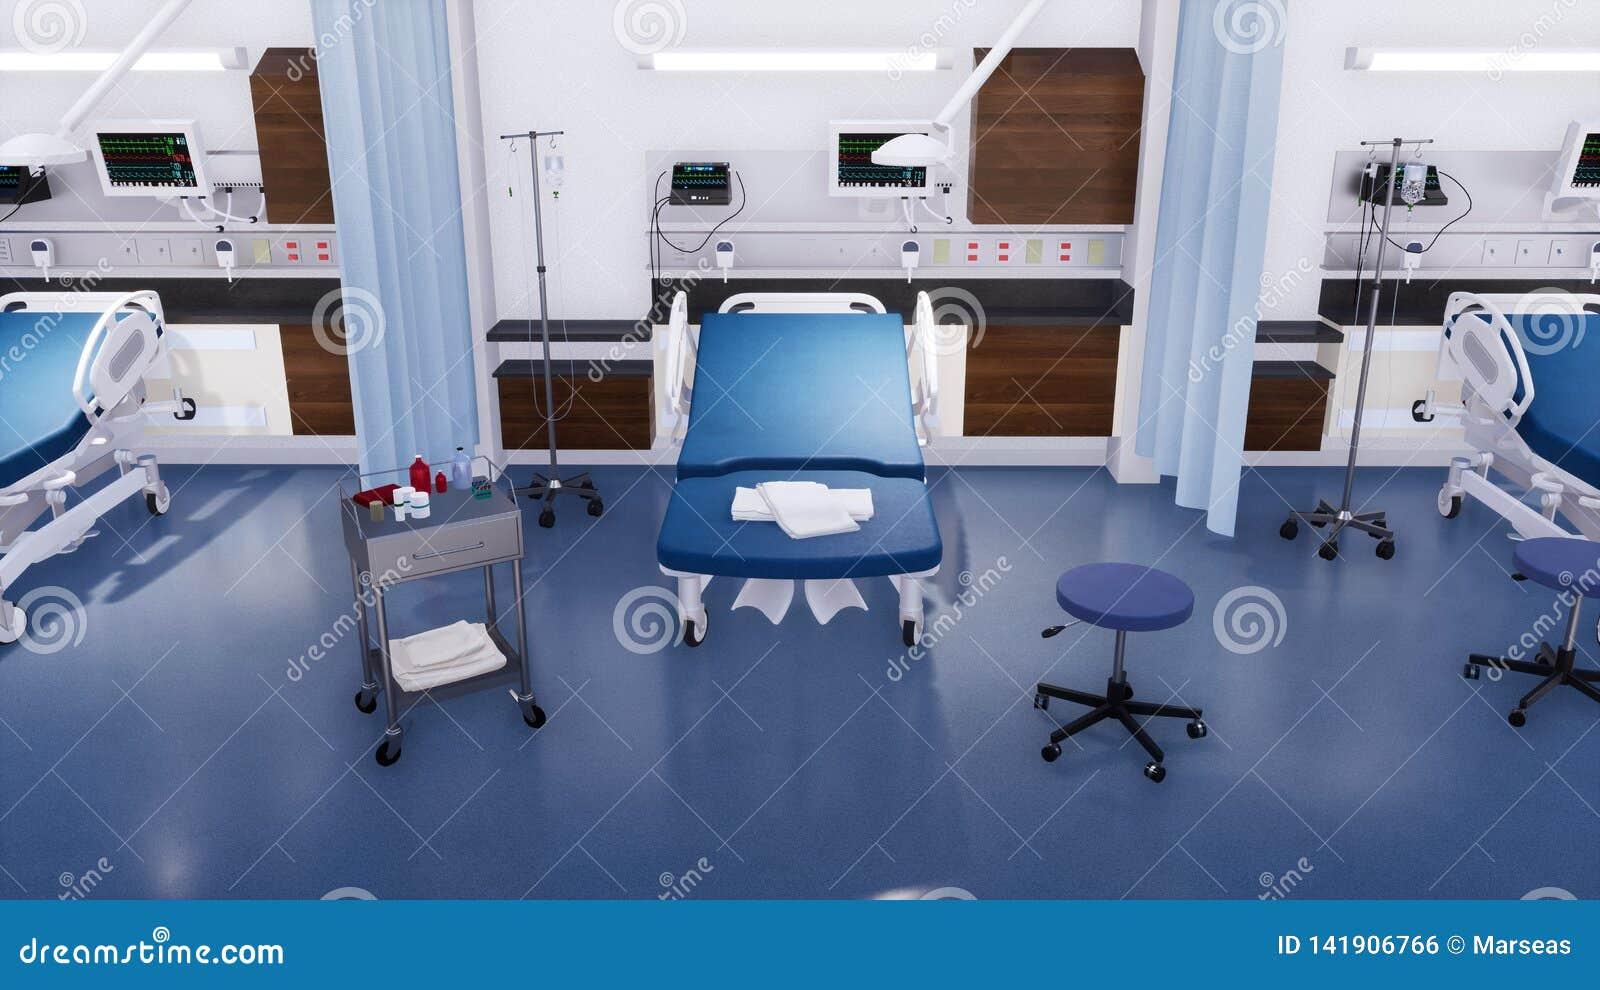 Lit Du0027hôpital Vide Et Divers Matériel Médical De Premiers Secours Dans La  Chambre De Secours De La Clinique Moderne Sans Lu0027illustration Des Personnes  3D Sur ...